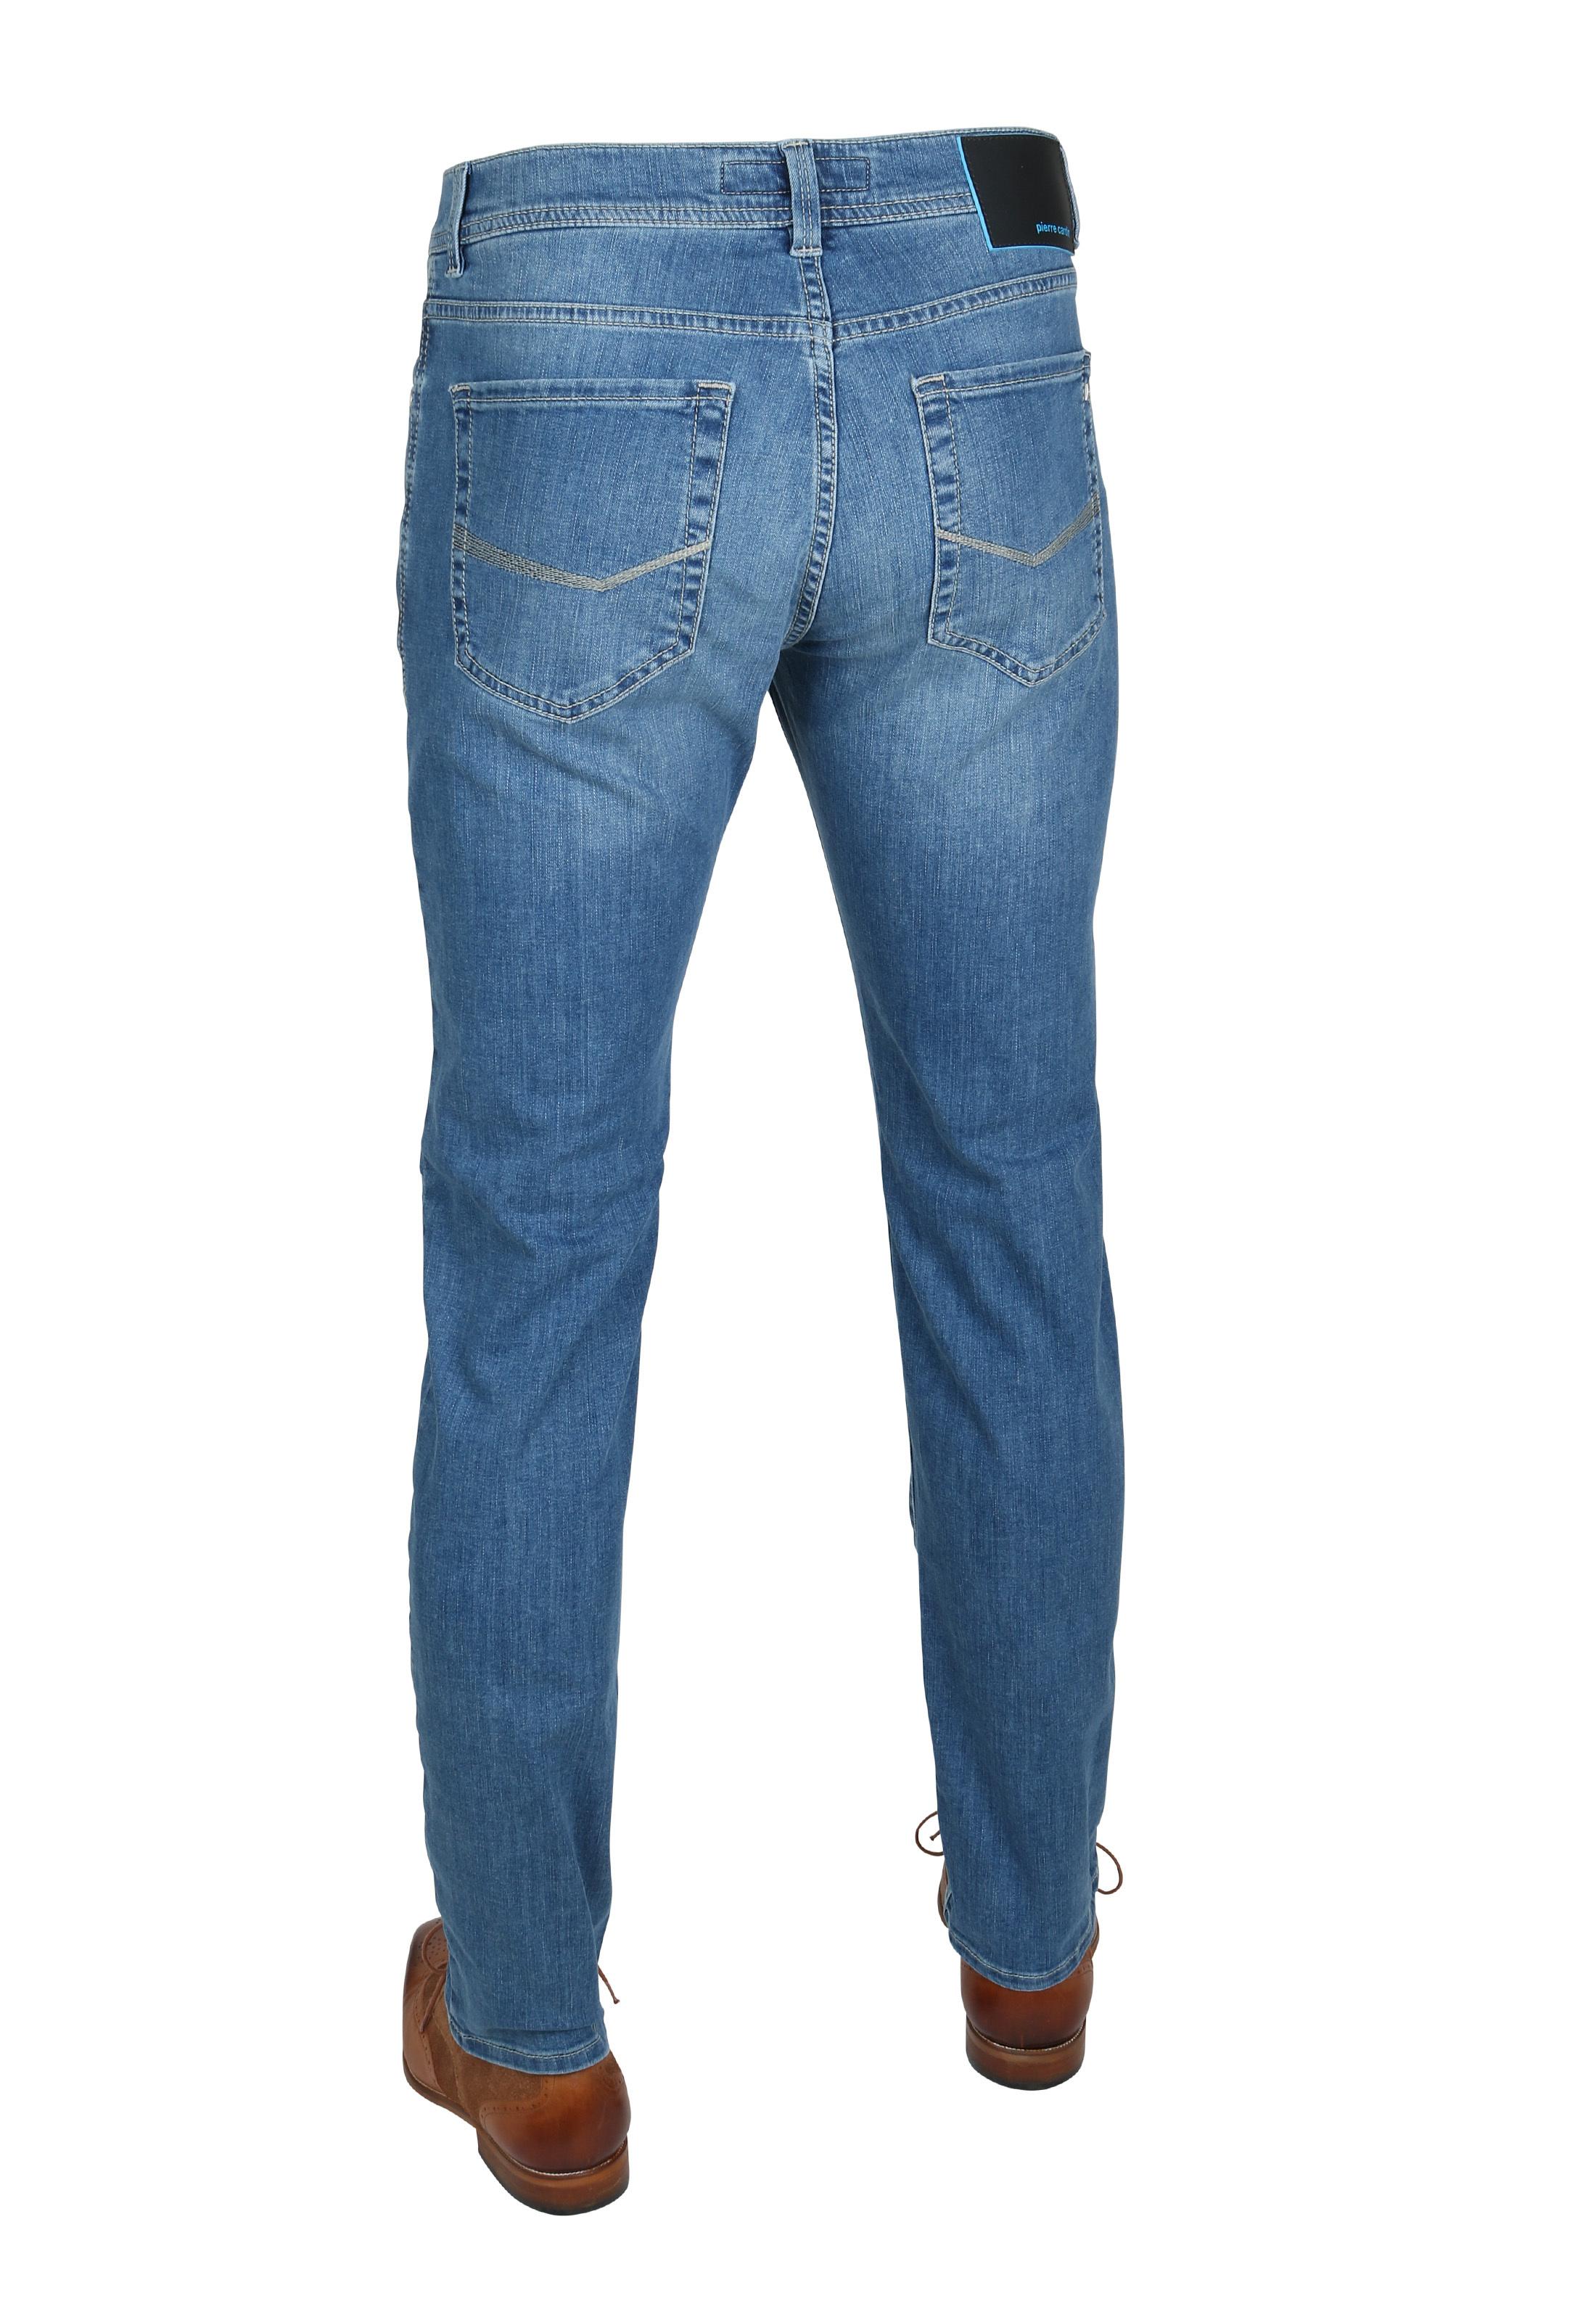 Pierre Cardin Jeans Lyon Future Flex foto 1